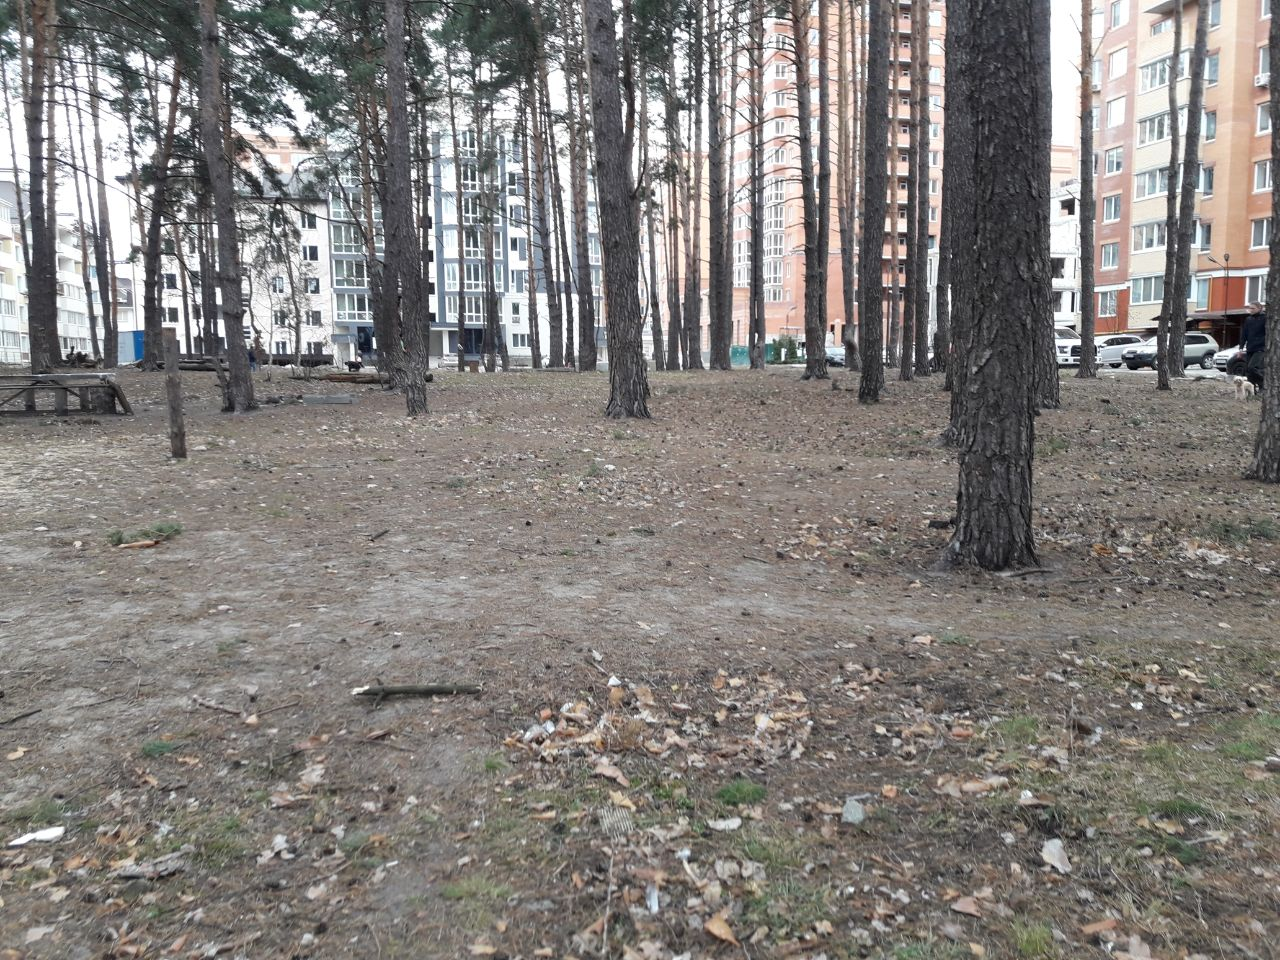 Нова гаряча точка: мешканці перенаселеного району Ірпеня проти забудови скверу по вул. Лісовій -  - IMG 20190525 194700 353